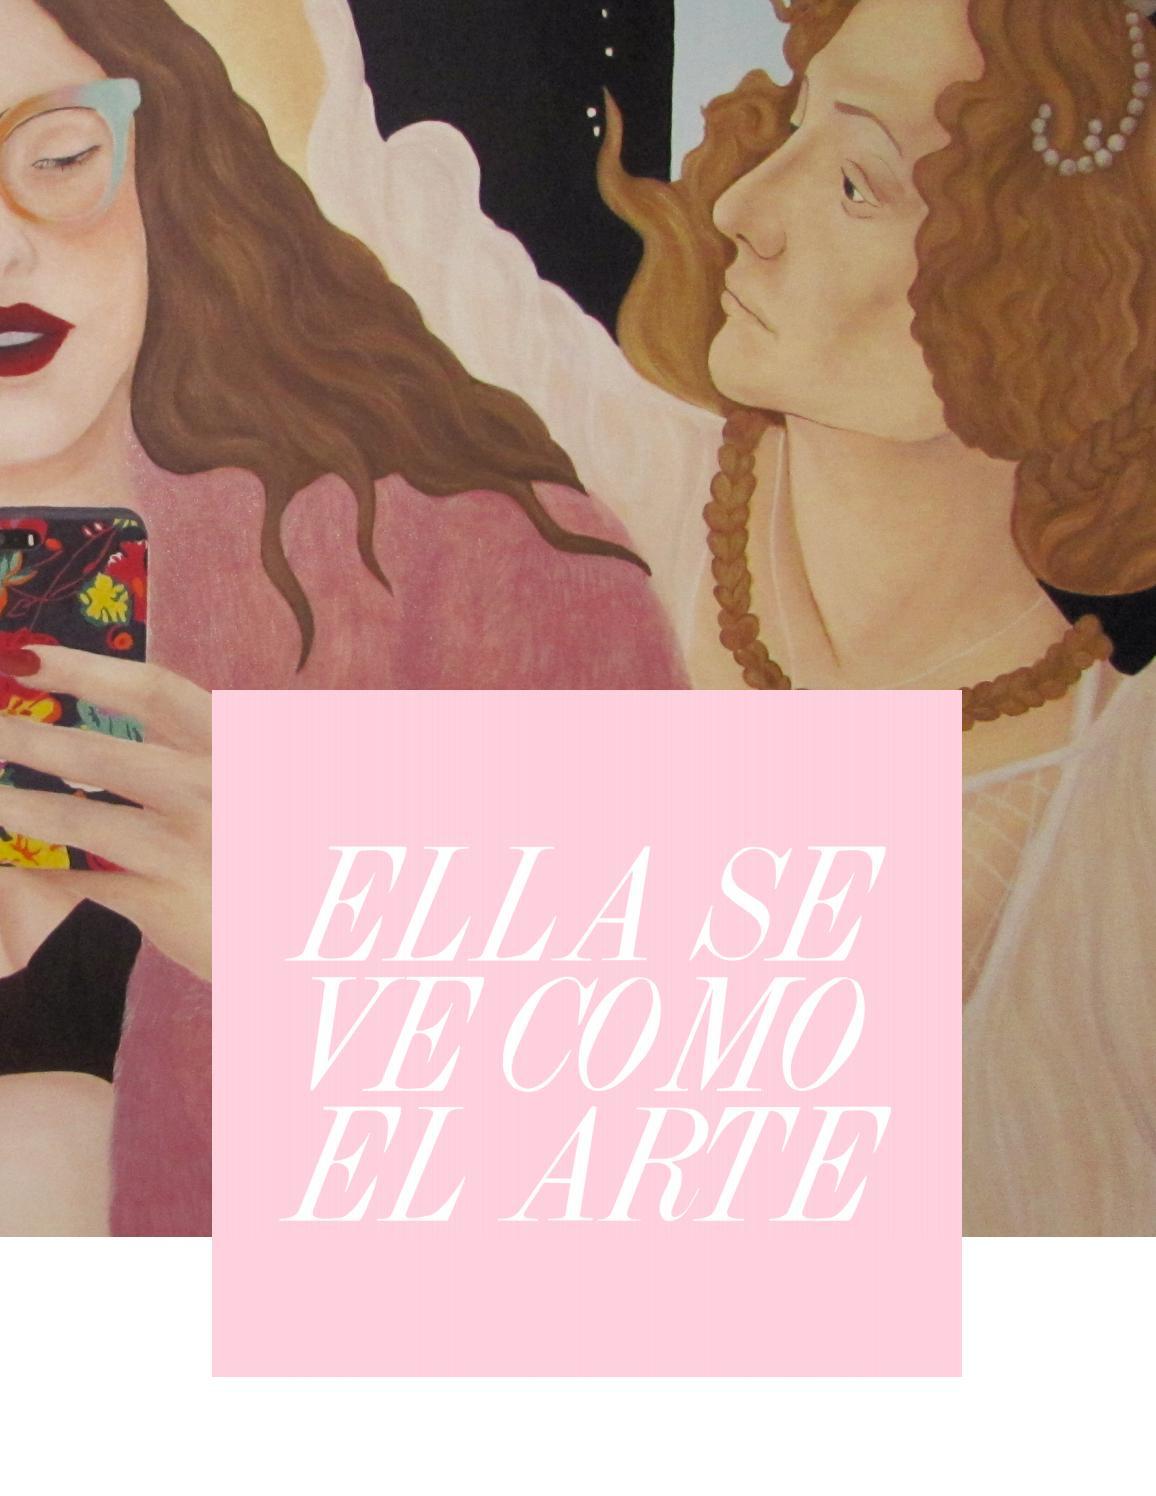 Ella se ve como el arte - Tesis de grado Universidad de los Andes ...